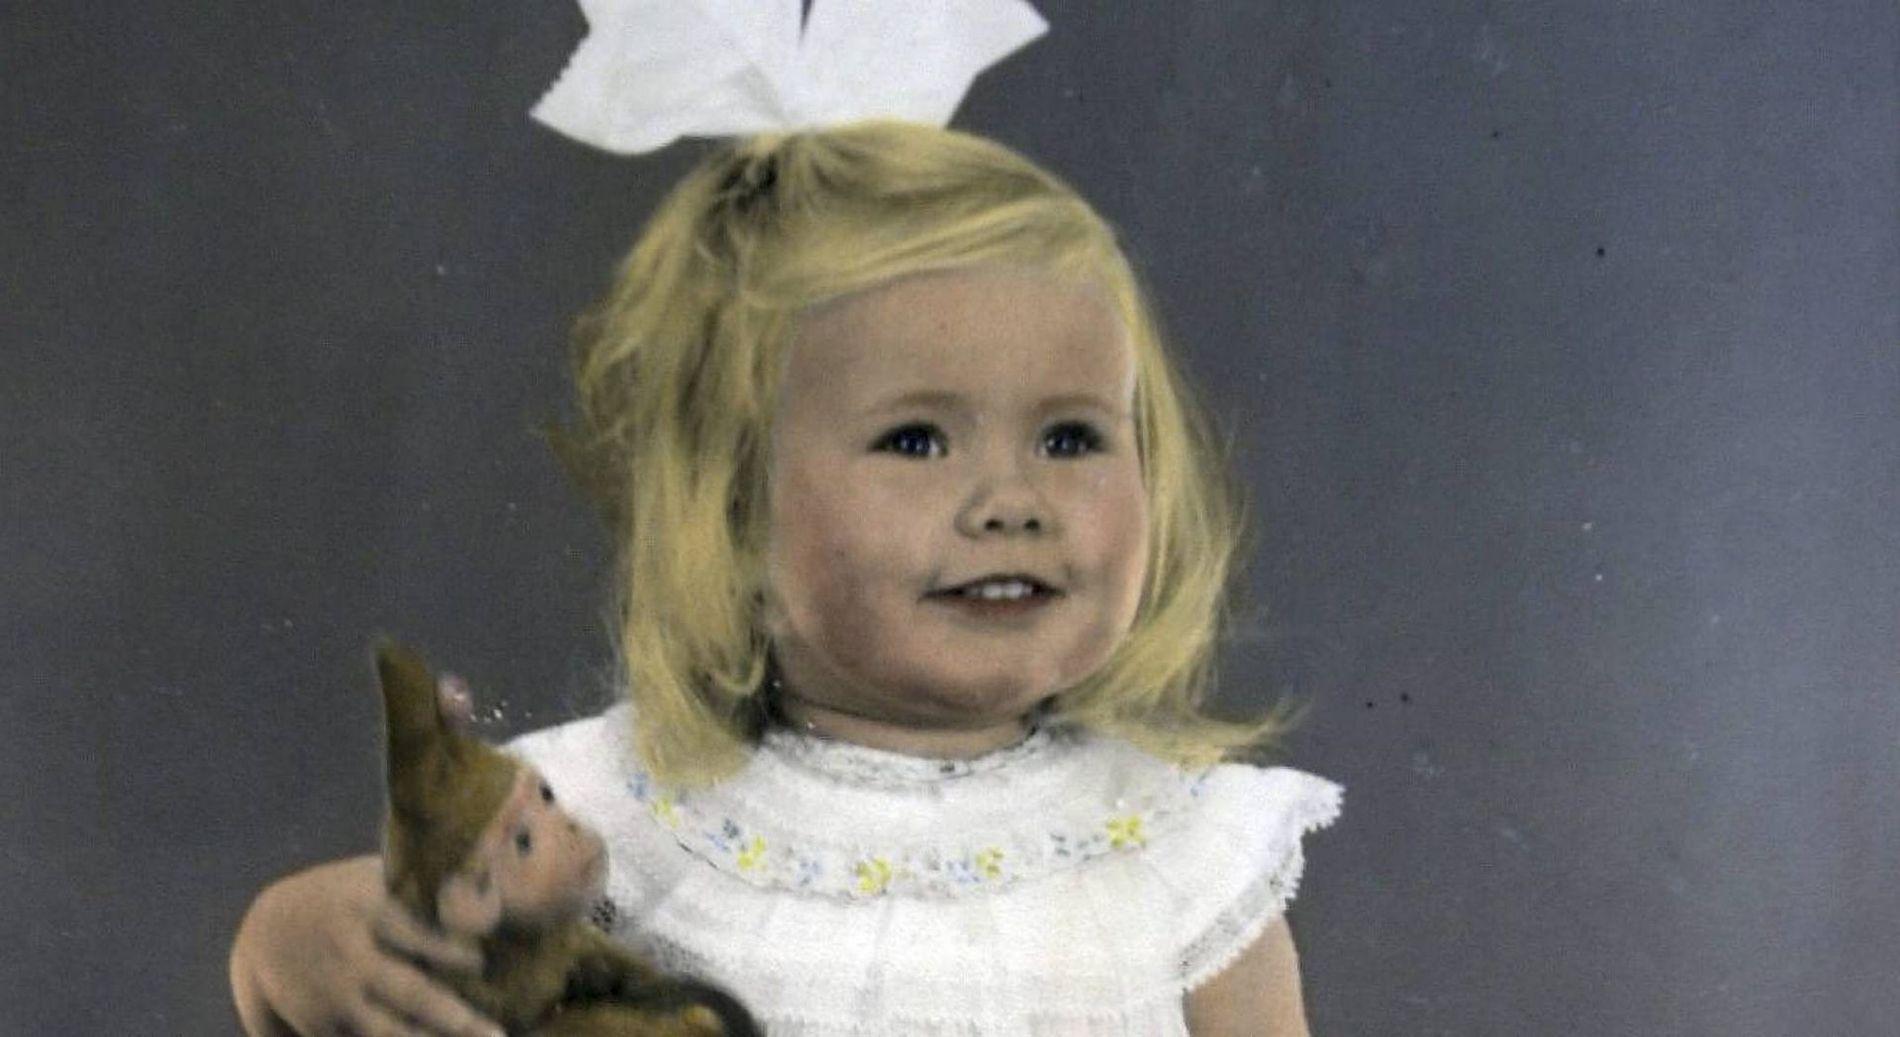 BLE SMITTET: Noen måneder før dette bilde ble tatt, var statsminister Erna Solberg syk med meslinger. Nå oppfordrer hun foreldre til å vaksinere barna sine.